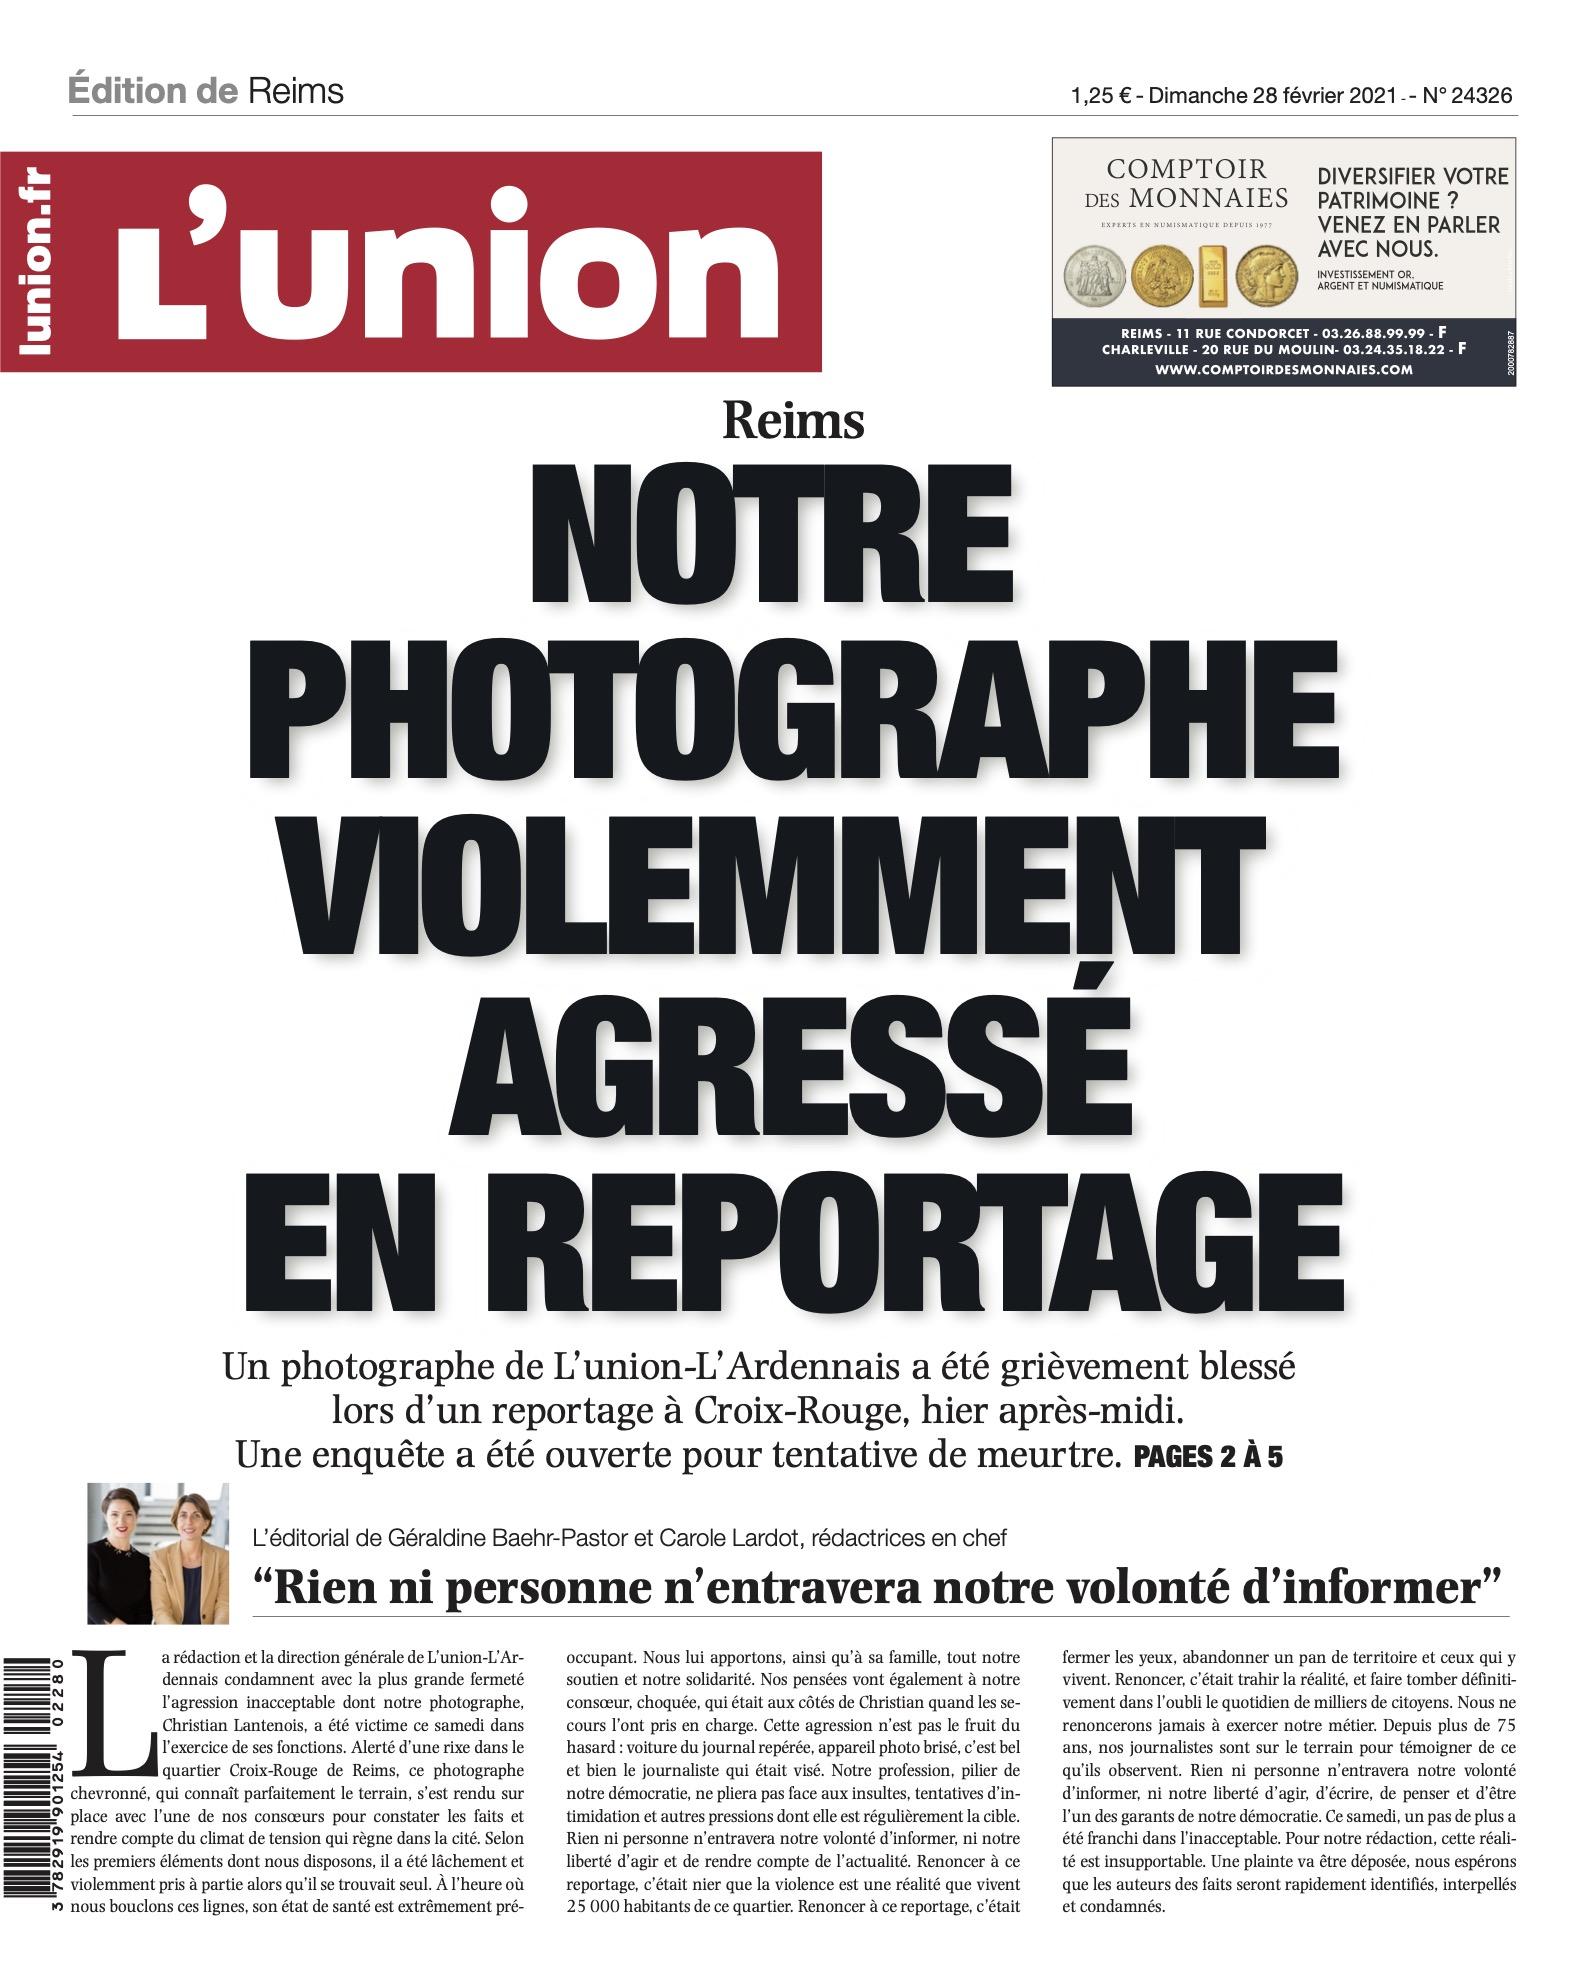 Stupeur et solidarité après l'agression de notre confrère photographe